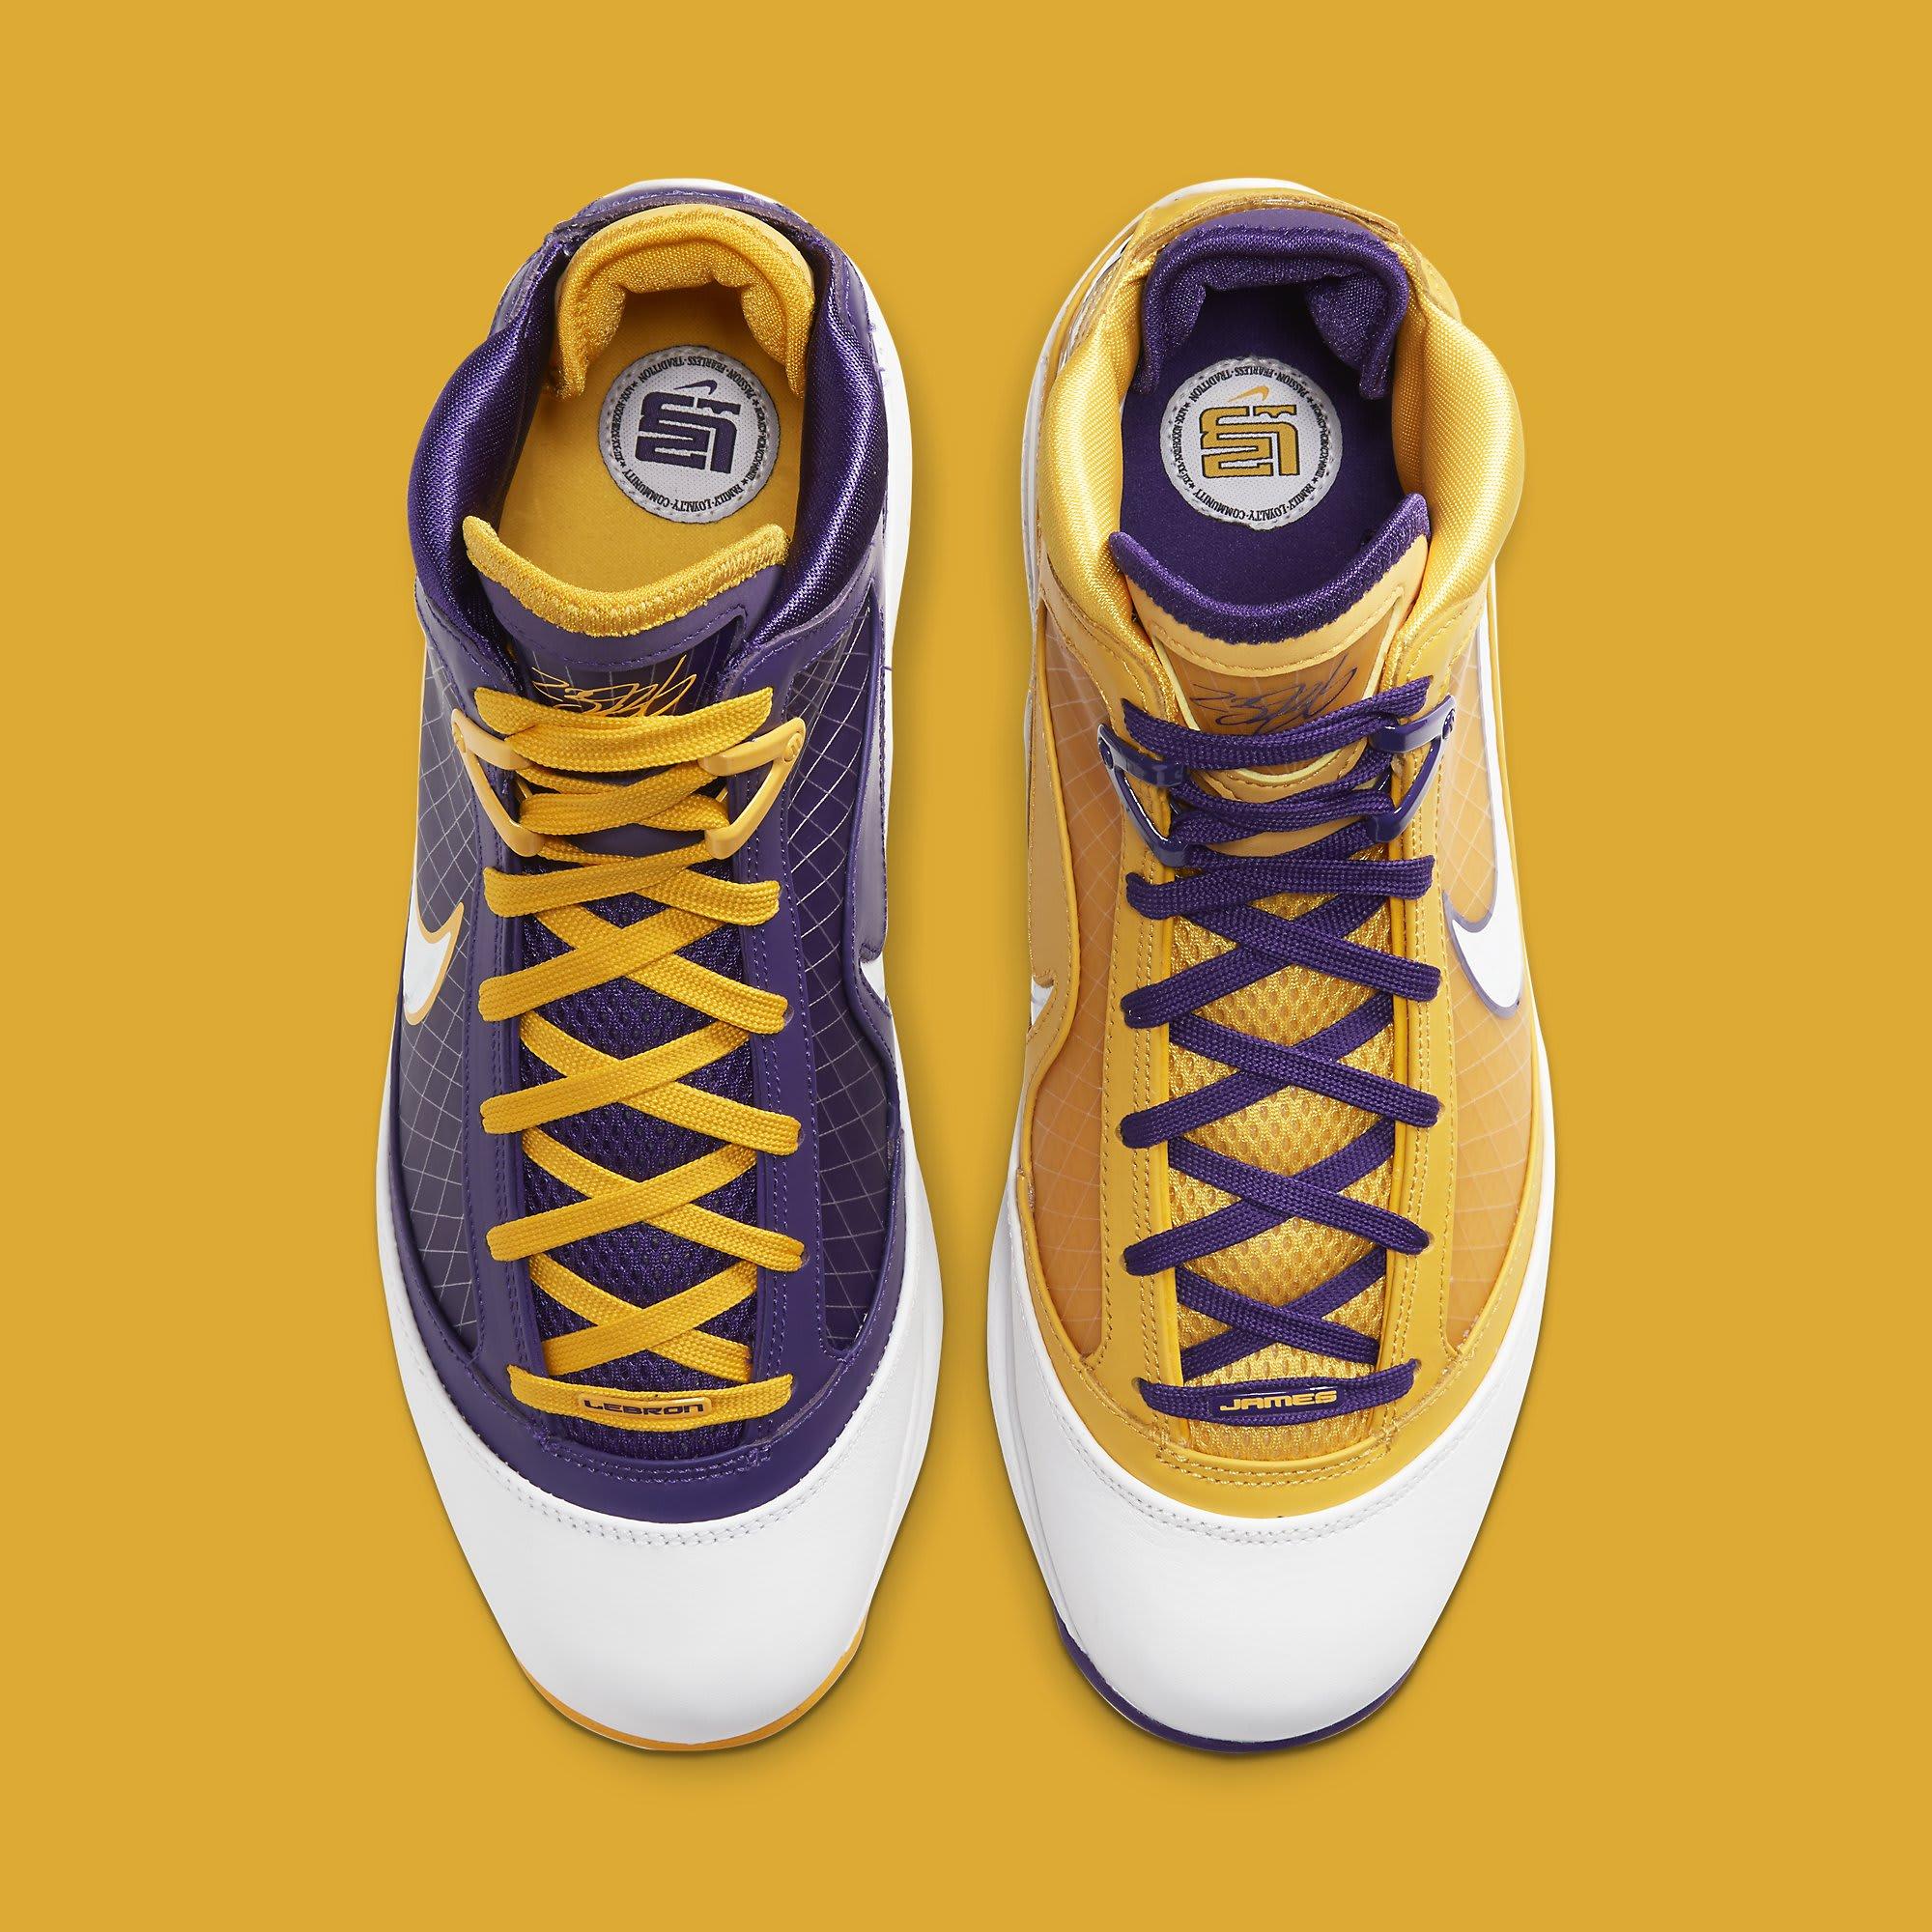 Nike LeBron 7 'Lakers' CW2300-500 Top